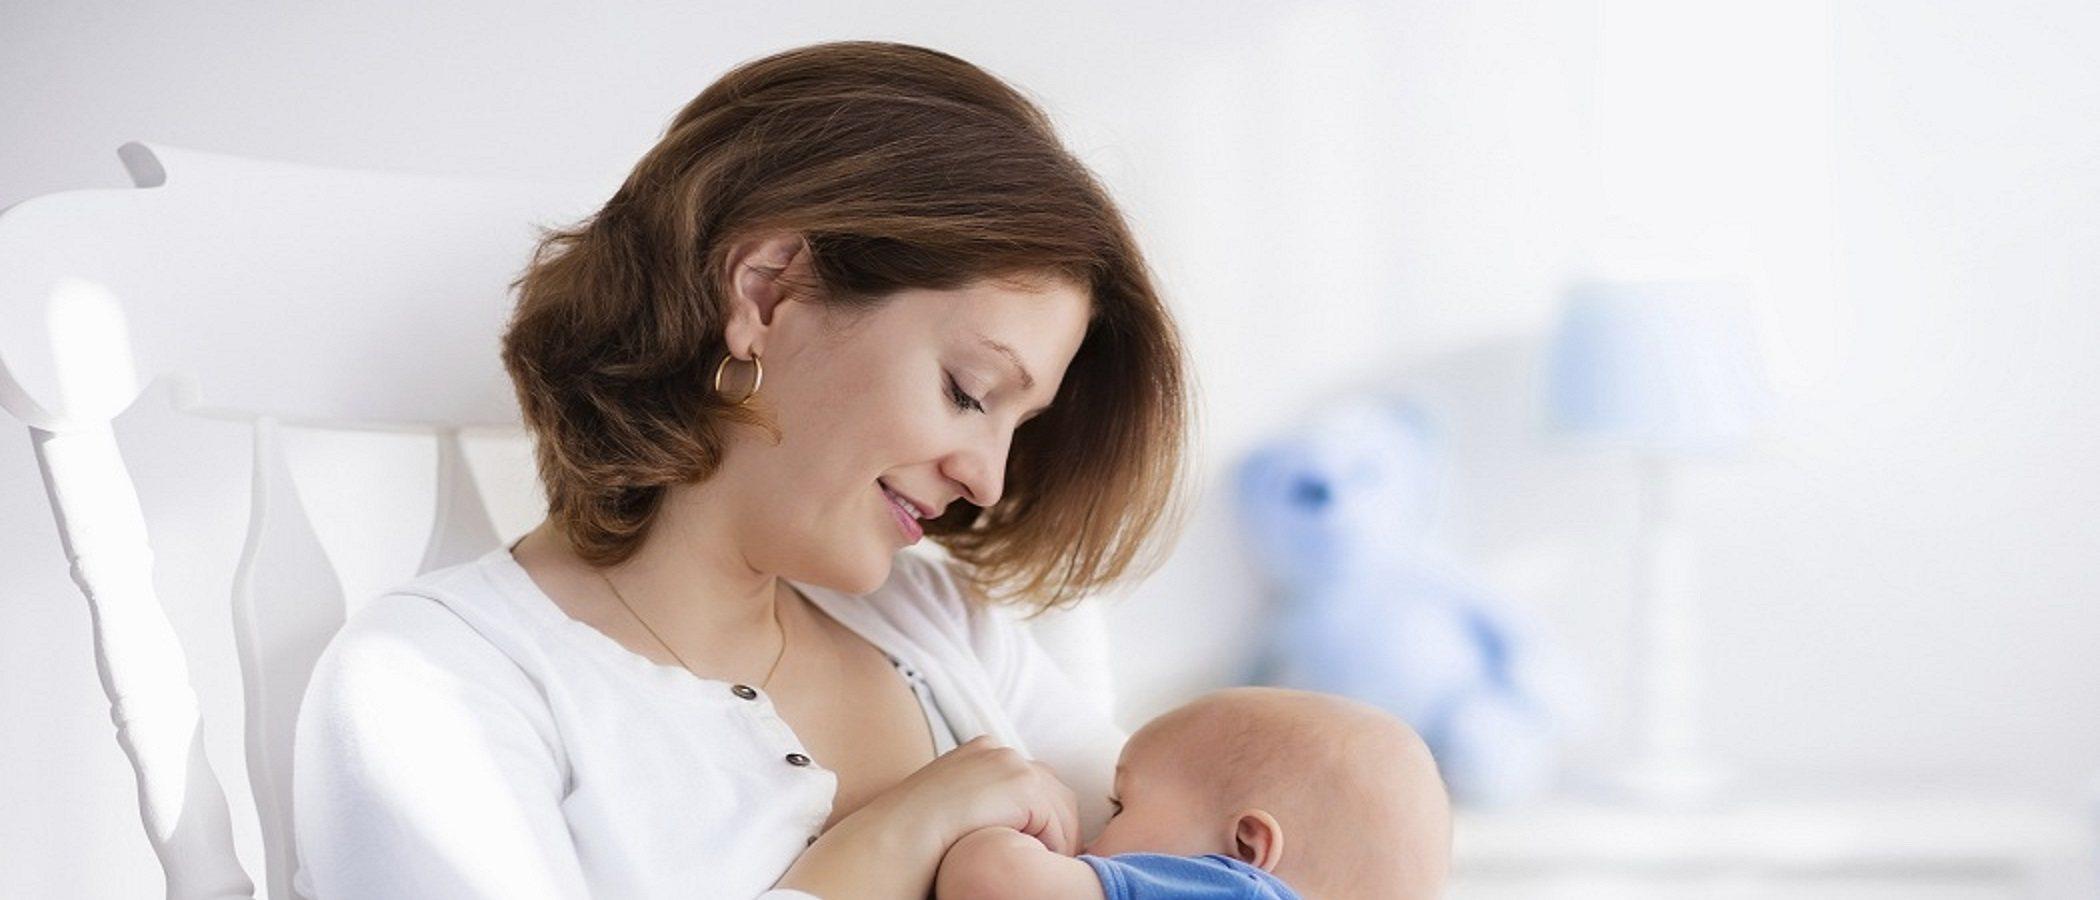 Derribamos 5 falsas creencias sobre la lactancia materna